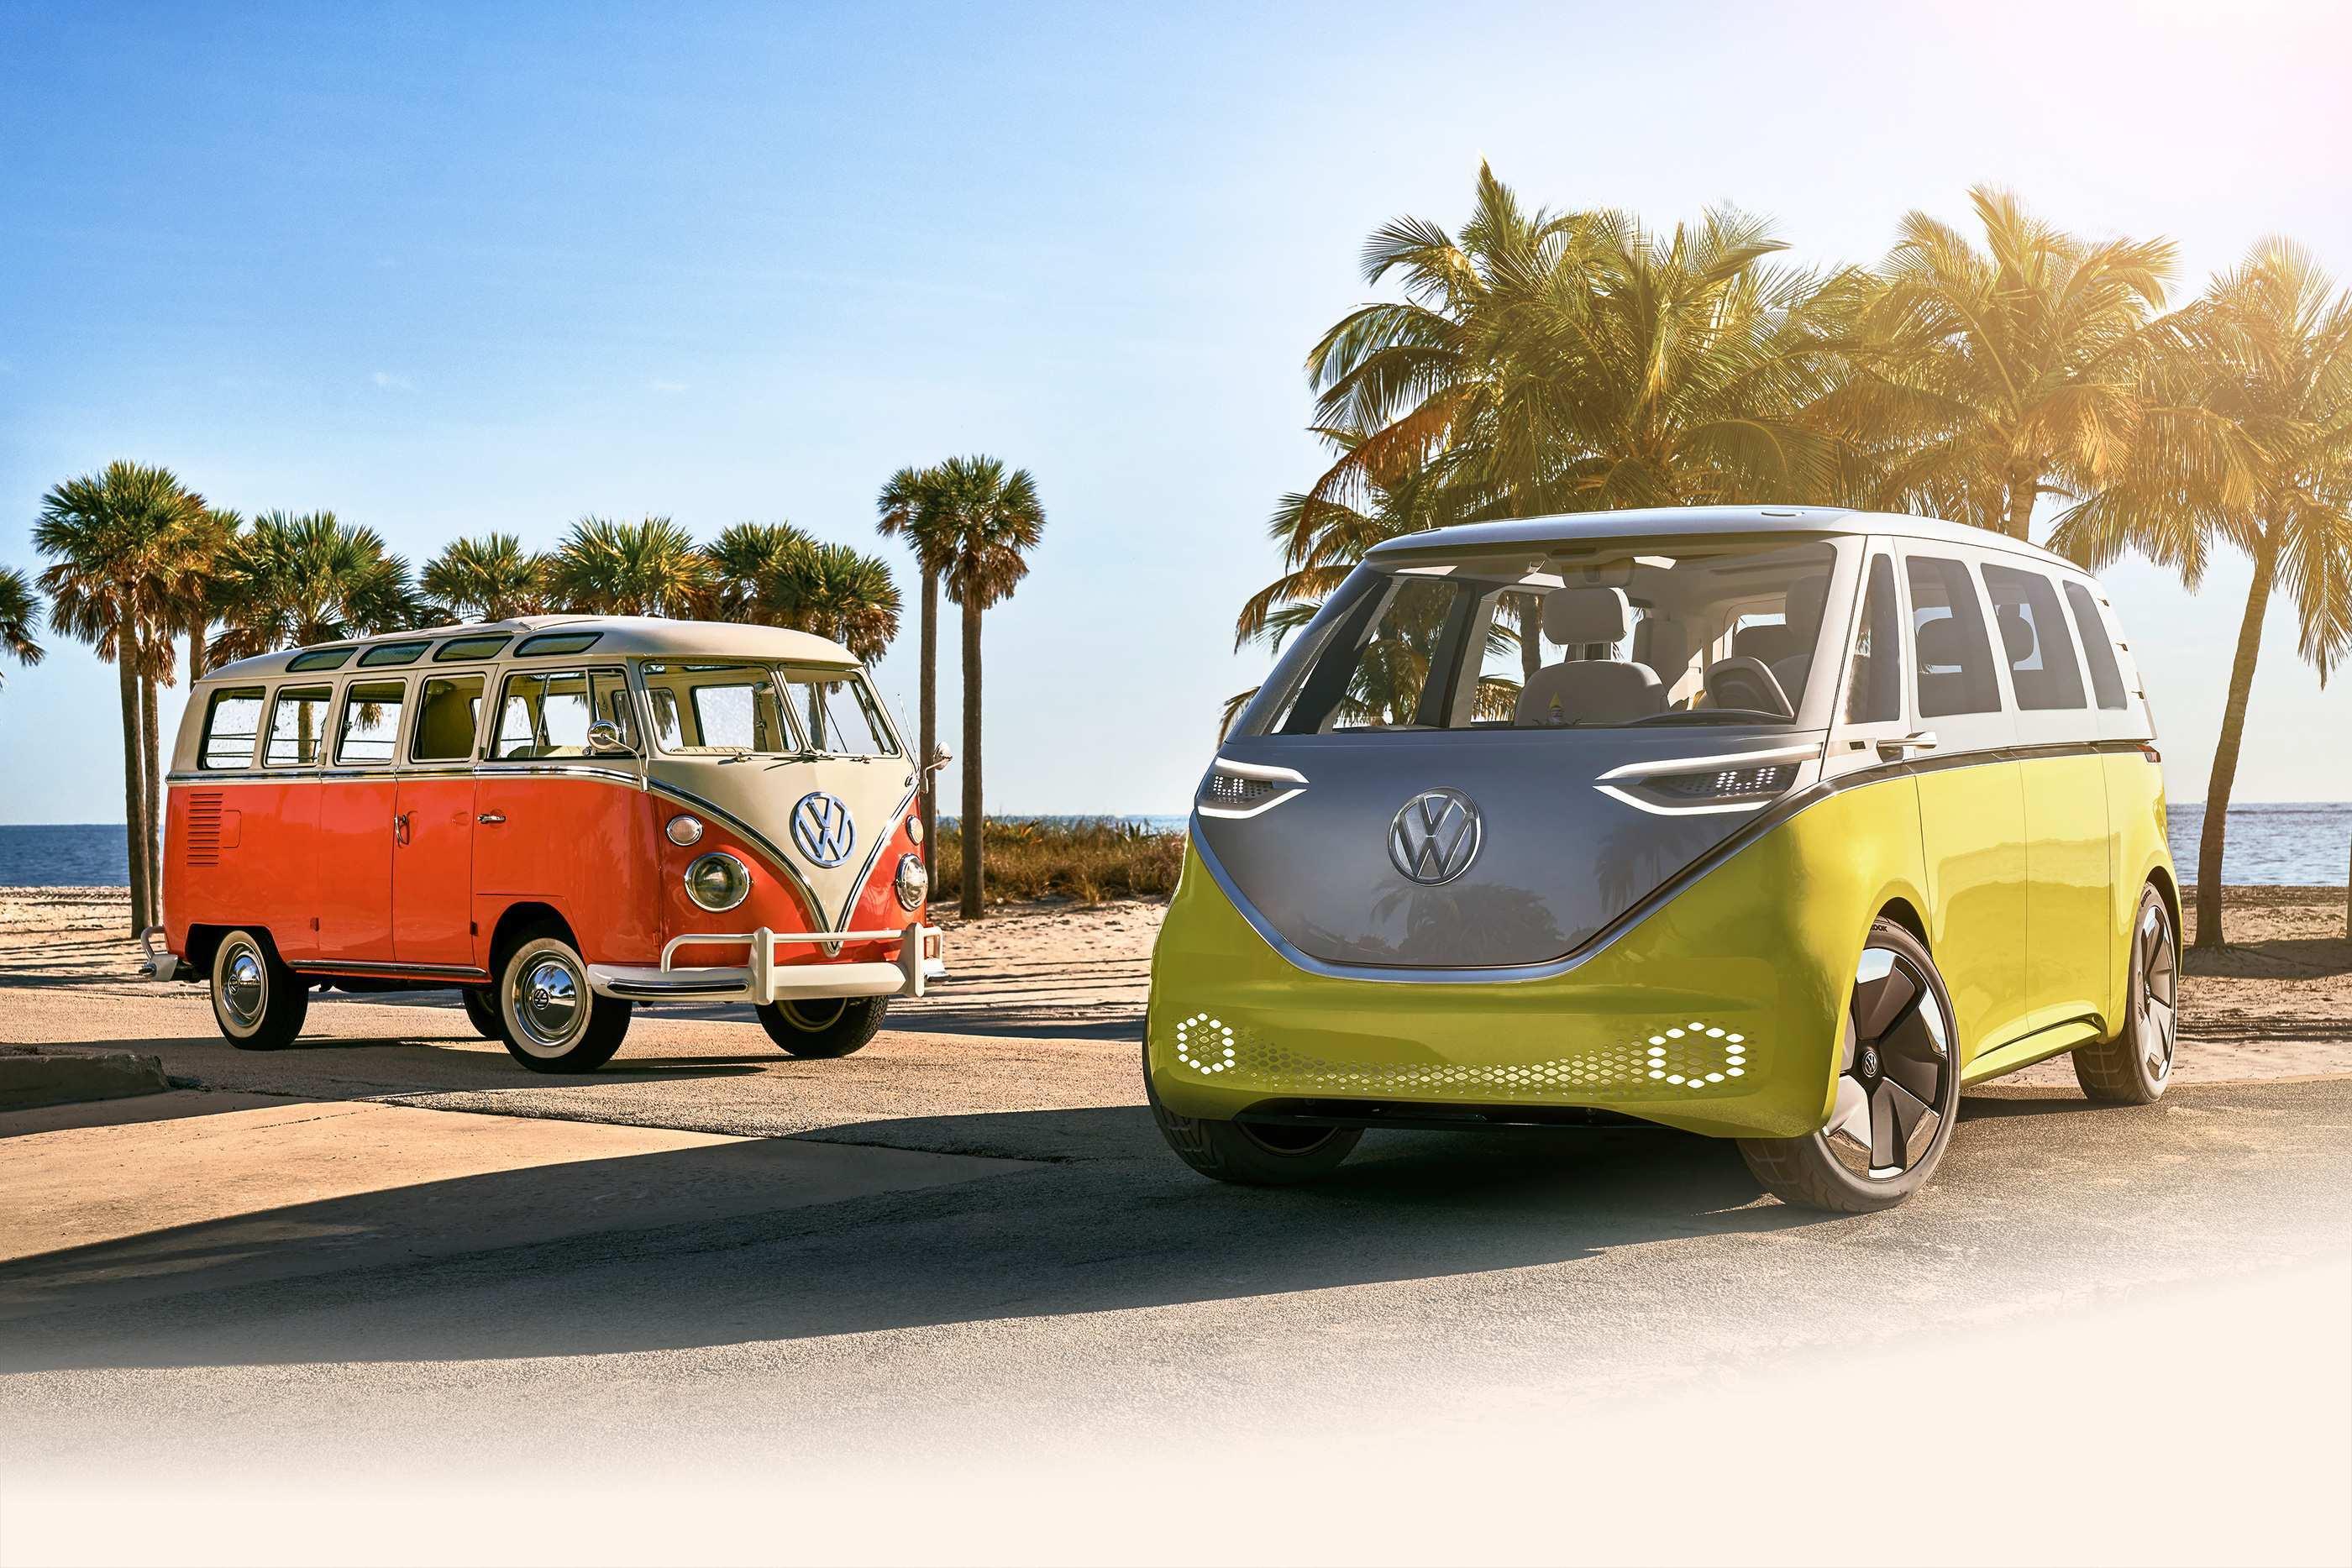 40 Concept of Volkswagen Vanagon 2020 Configurations with Volkswagen Vanagon 2020